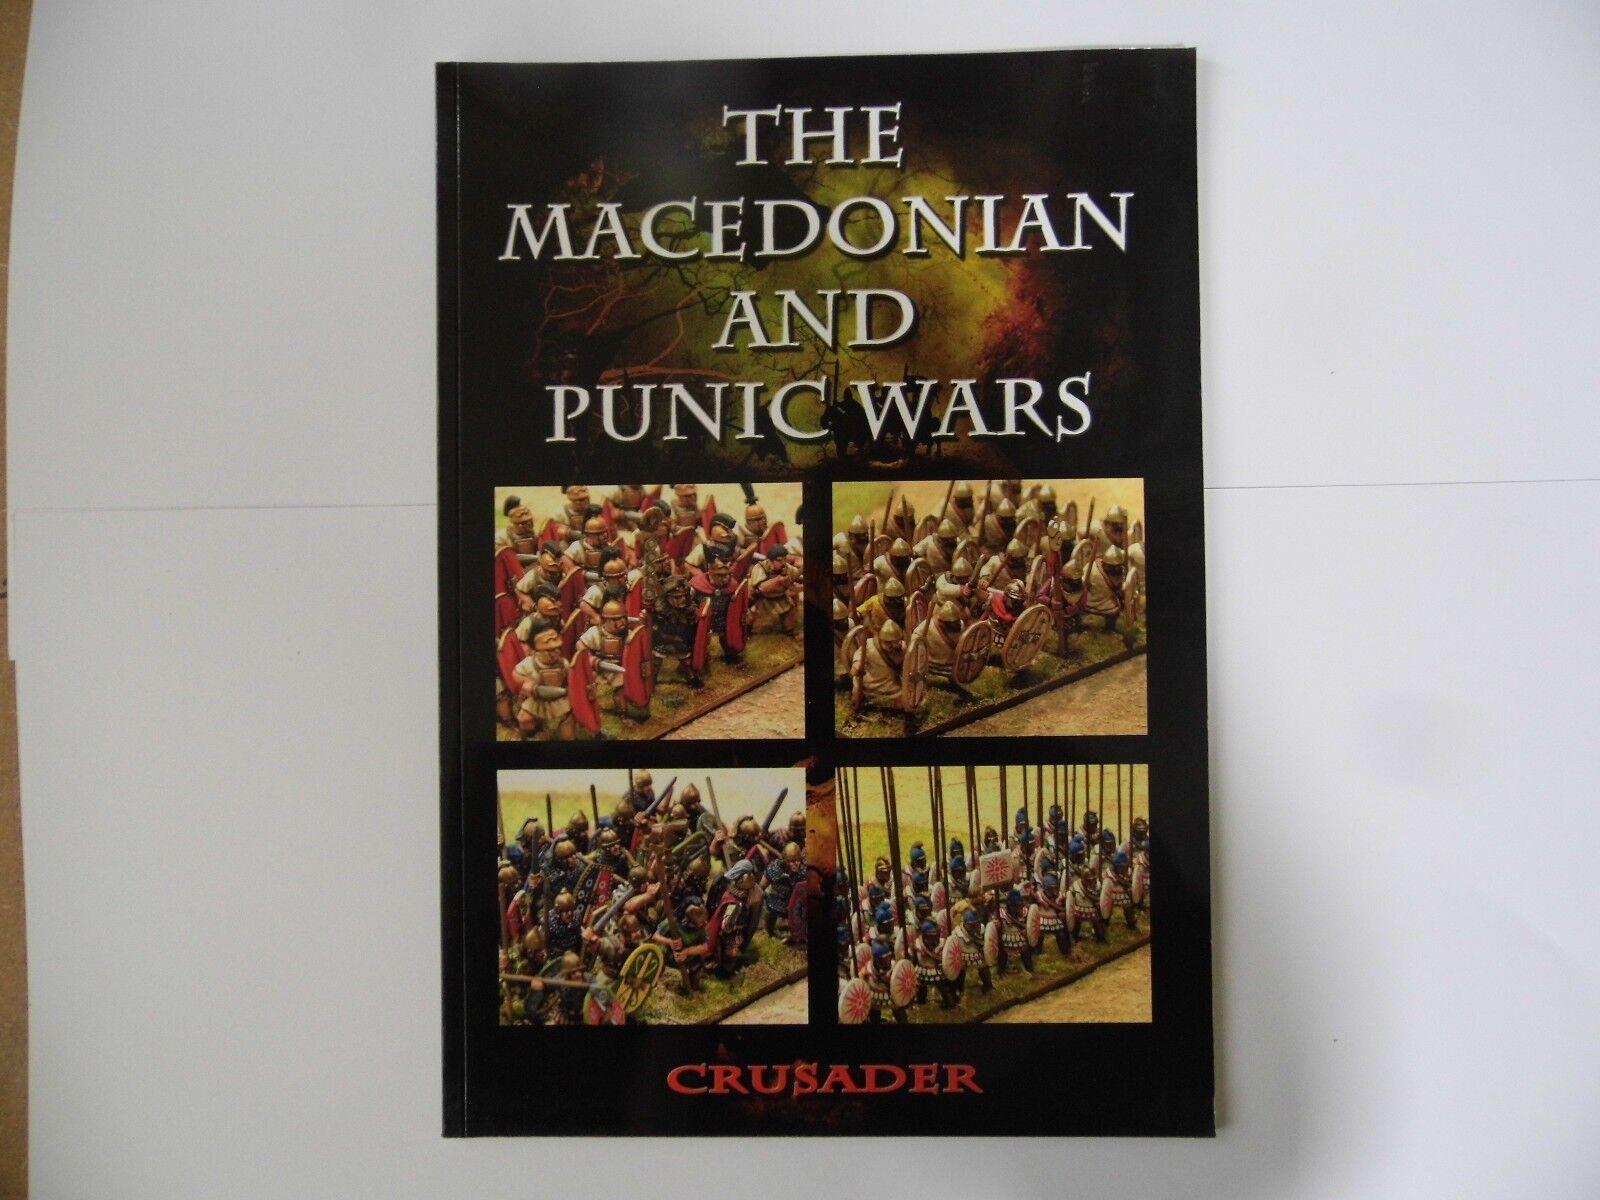 THE MACEDONIAN AND PUNIC WARS - CRUSADER WARGAMES RULES